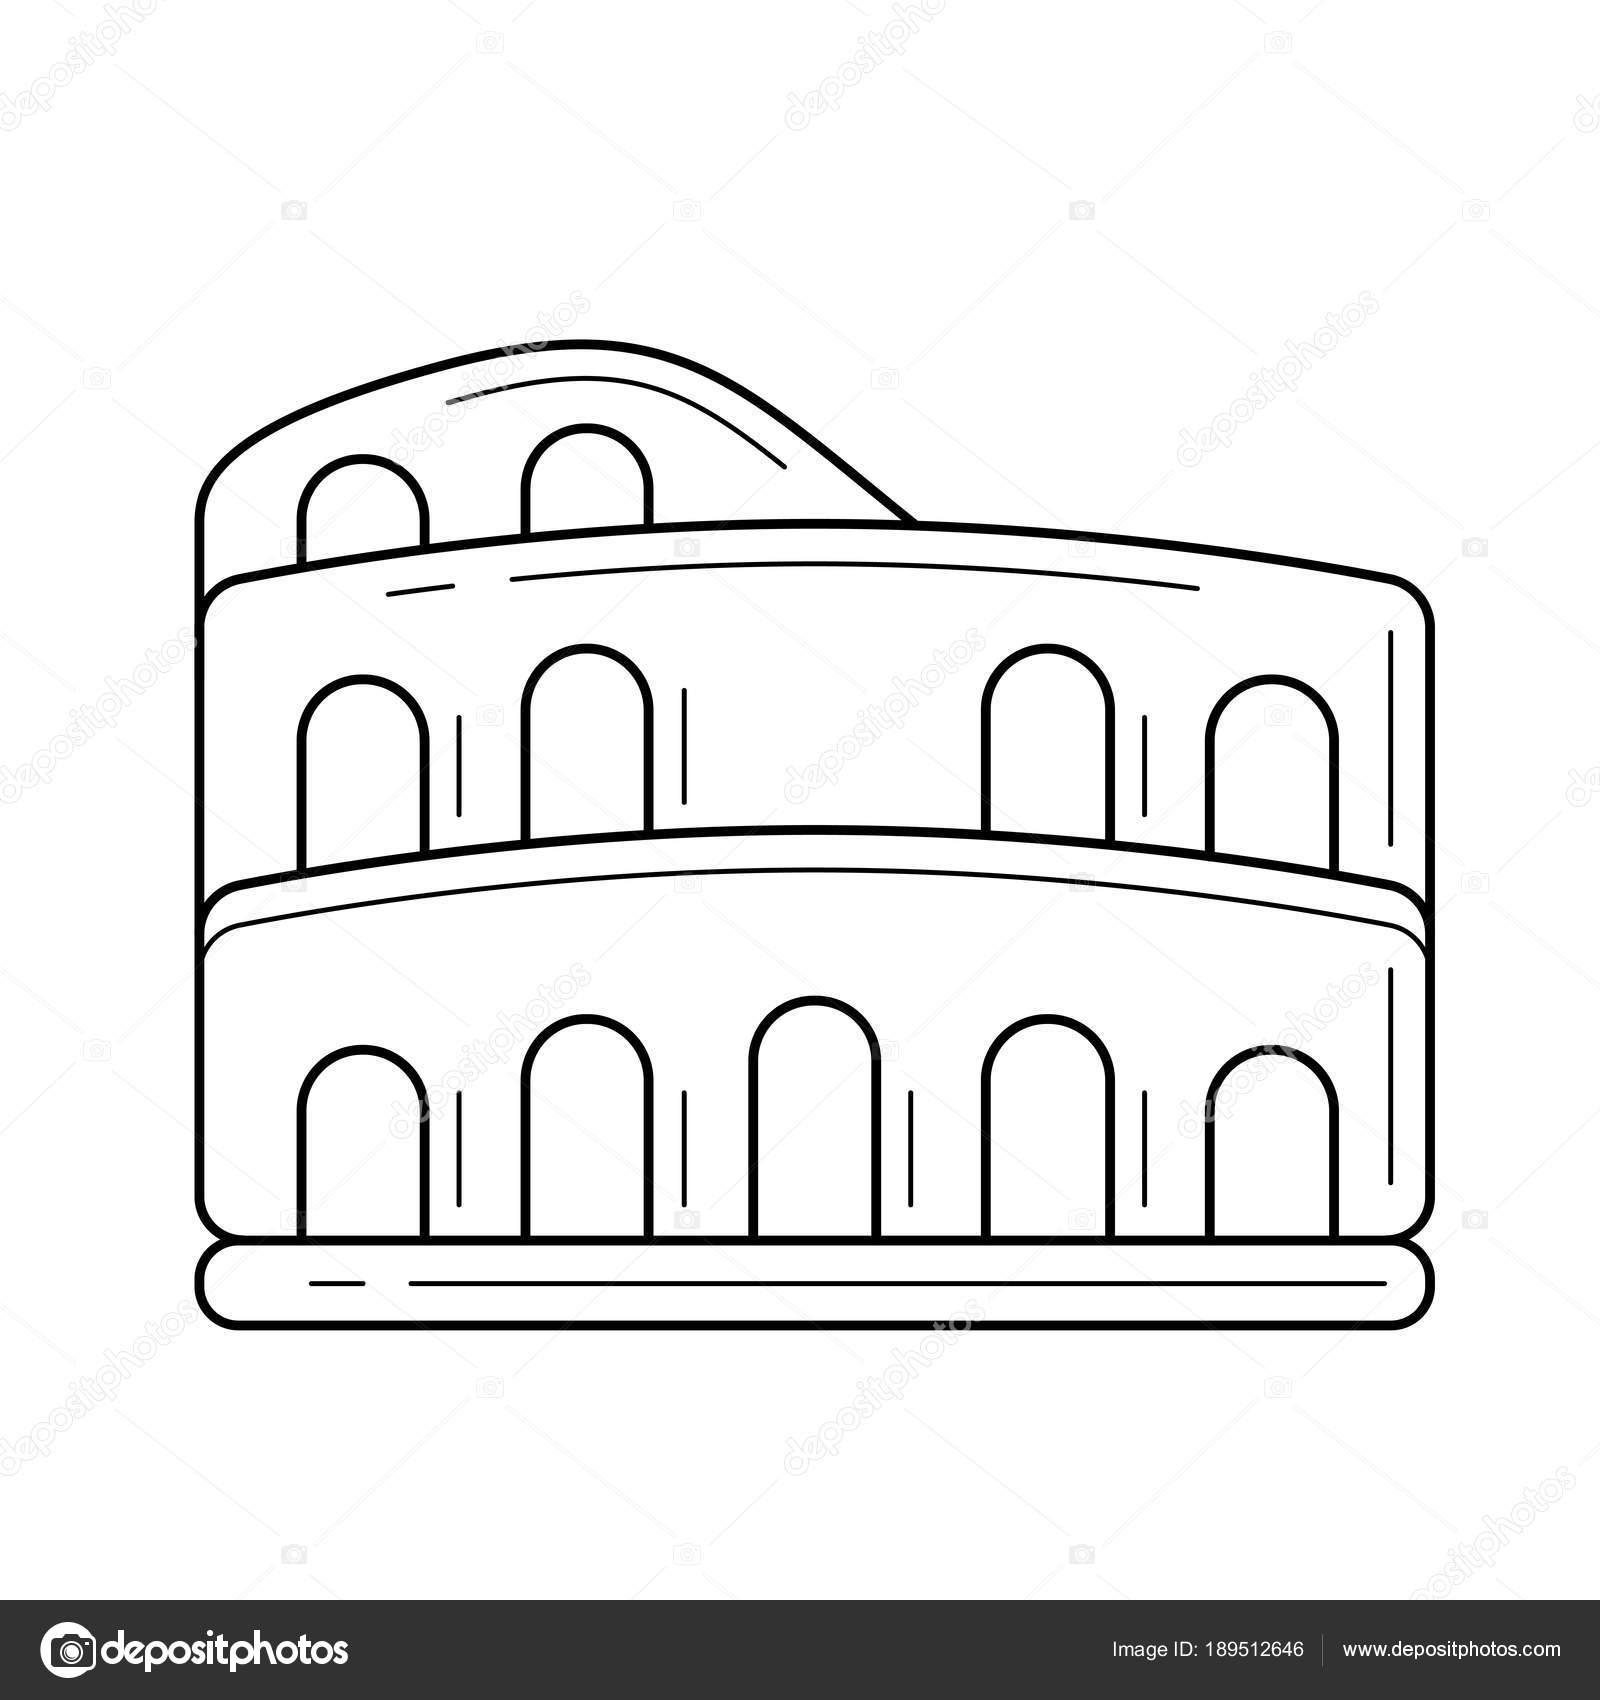 Dibujo Del Coliseo Romano Para Imprimir Icono De Línea De Coliseo